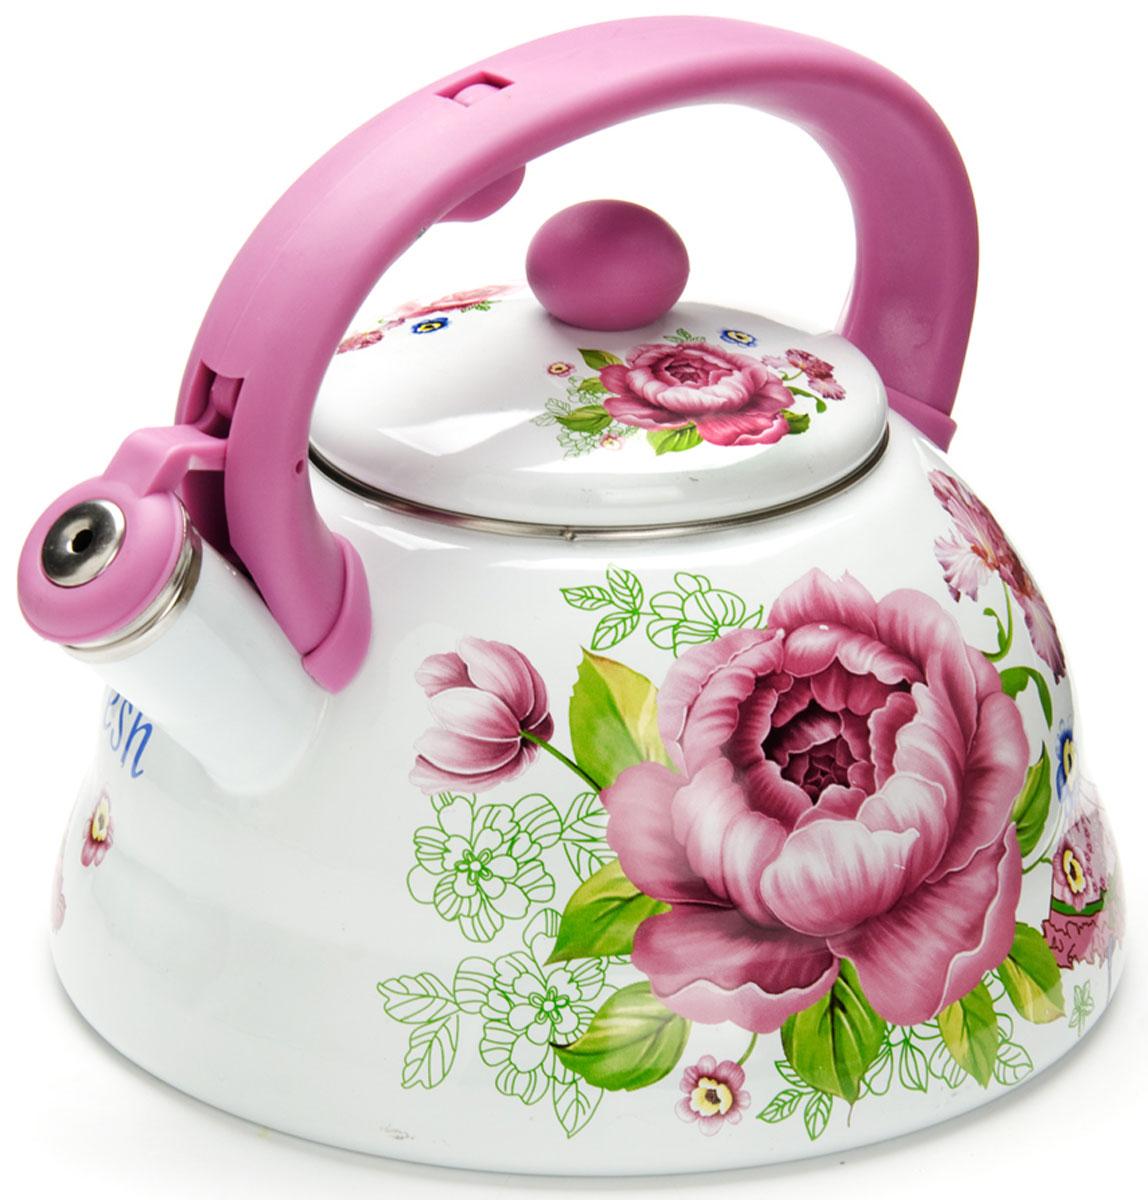 Чайник Mayer & Boch  Розы , со свистком, цвет: светло-фиолетовый, 3 л. 26257 - Посуда для приготовления